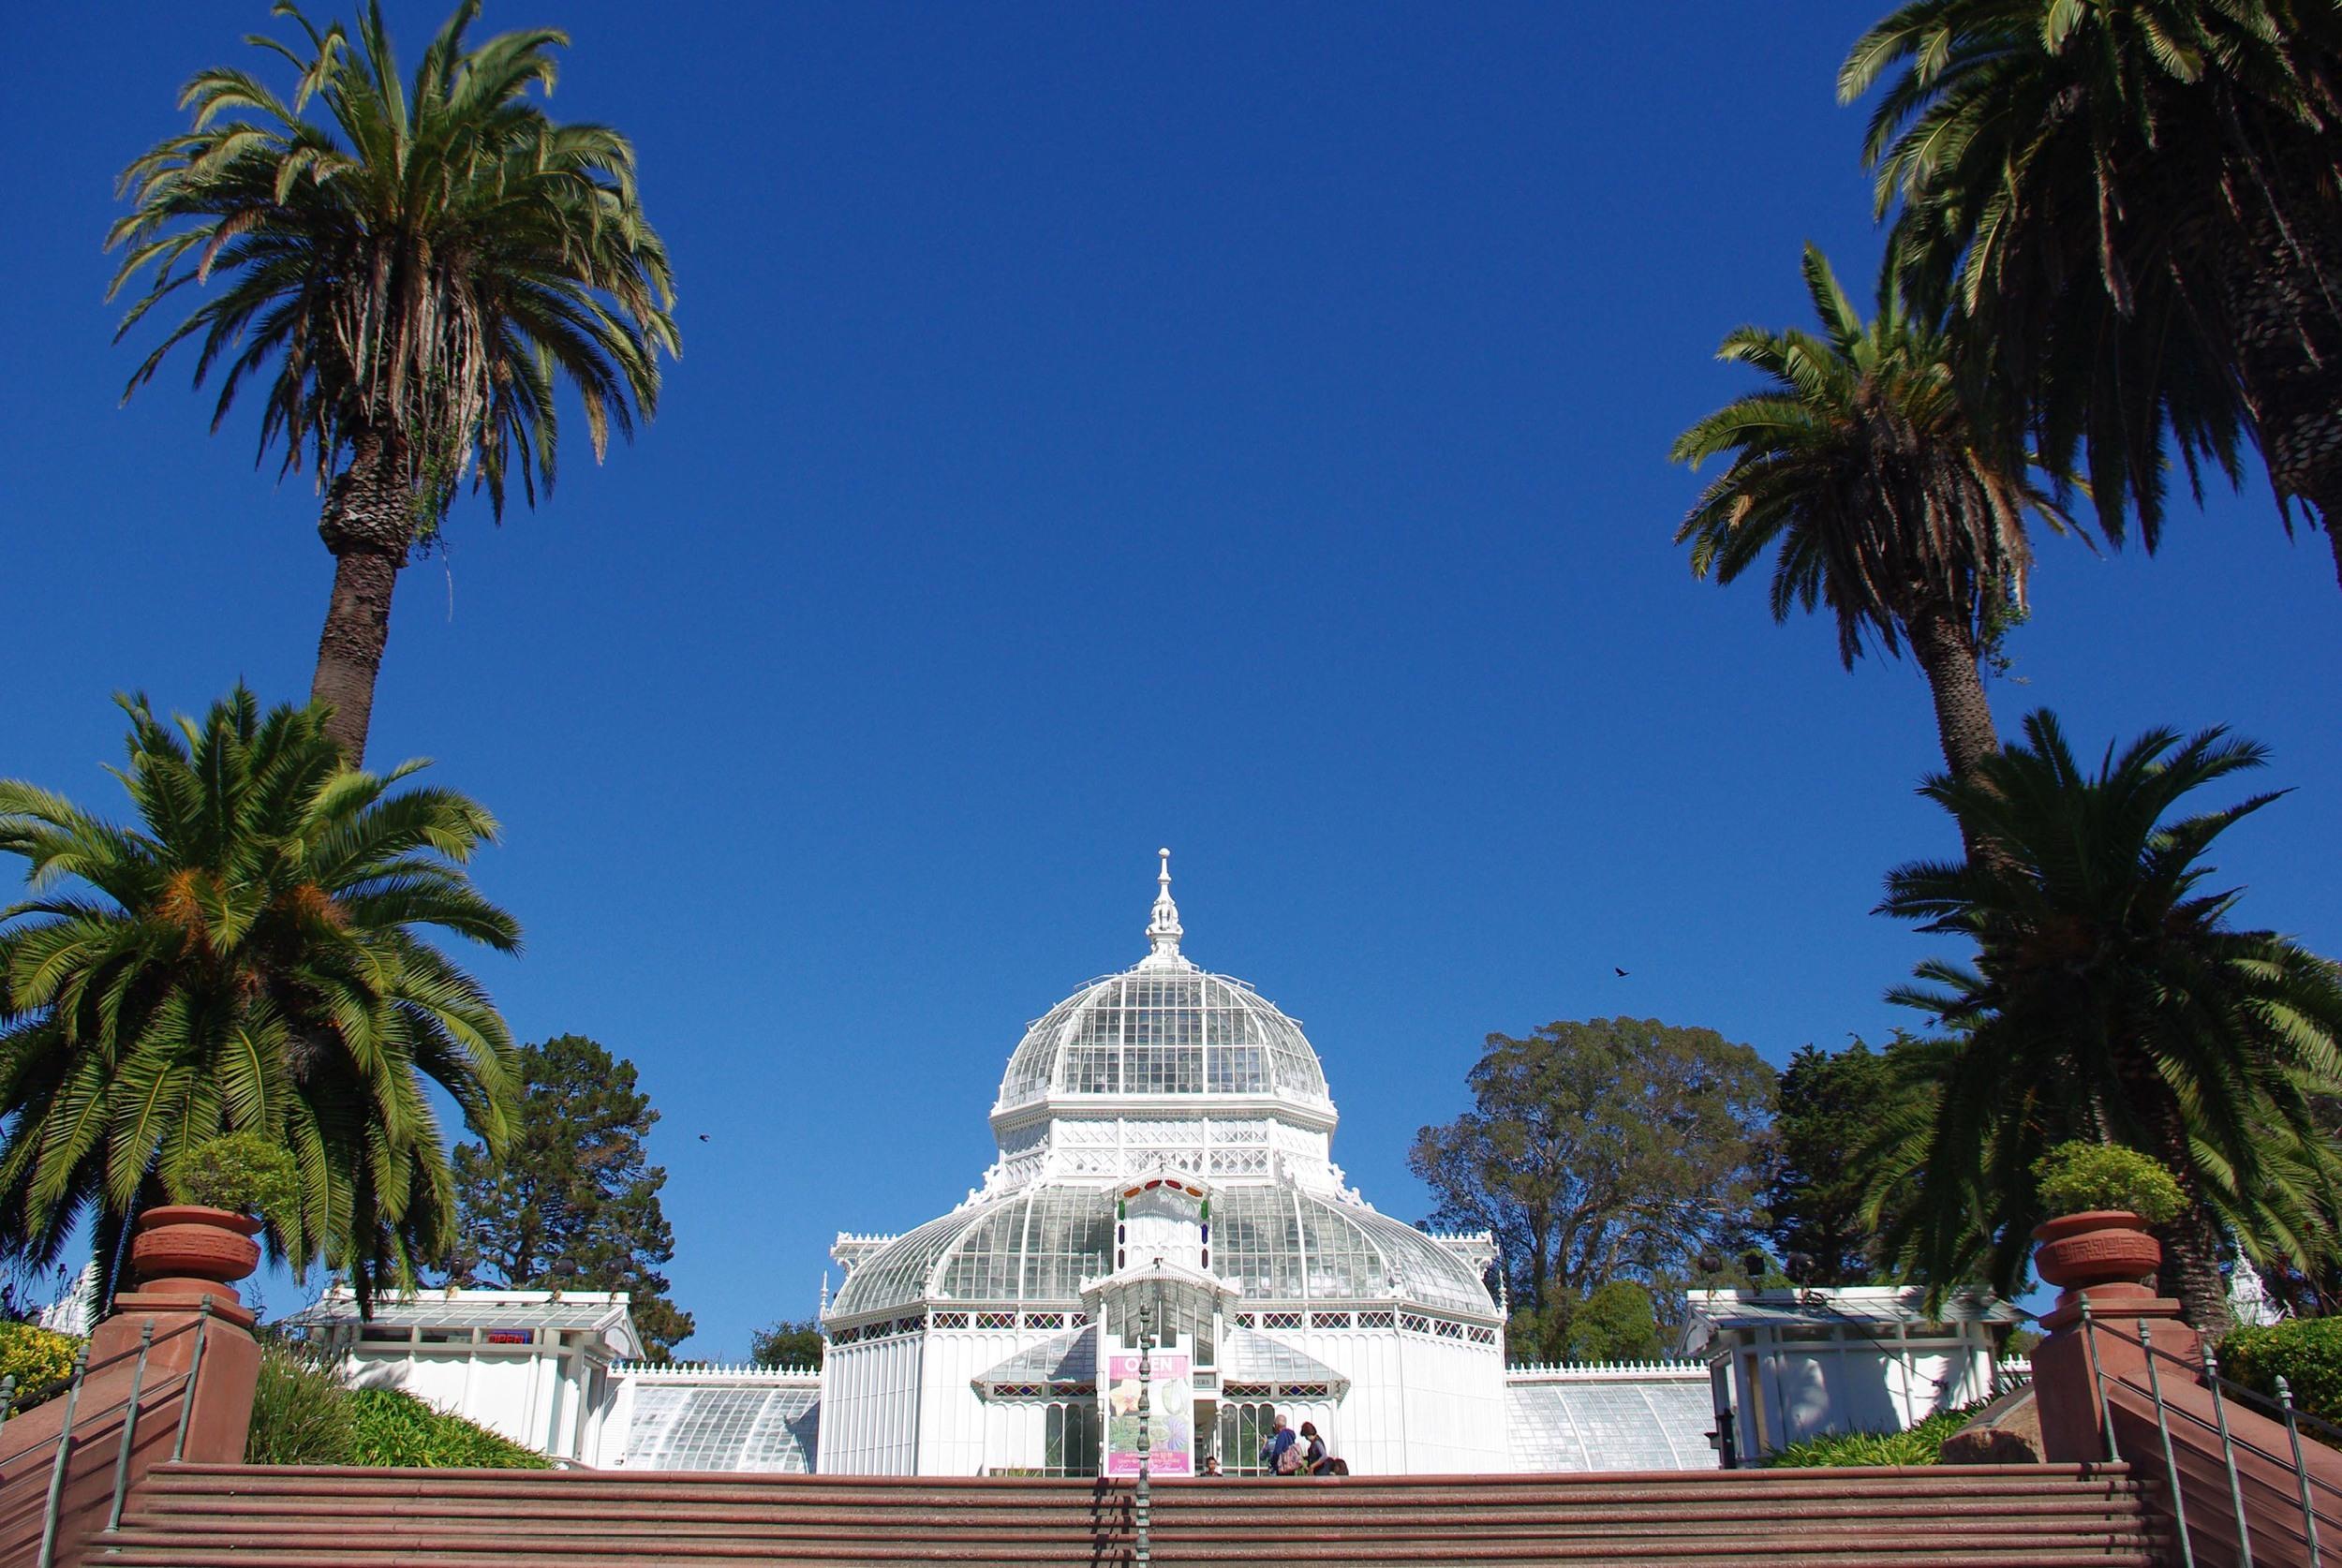 7.Wander through the Golden Gate Park and Botanical Garden